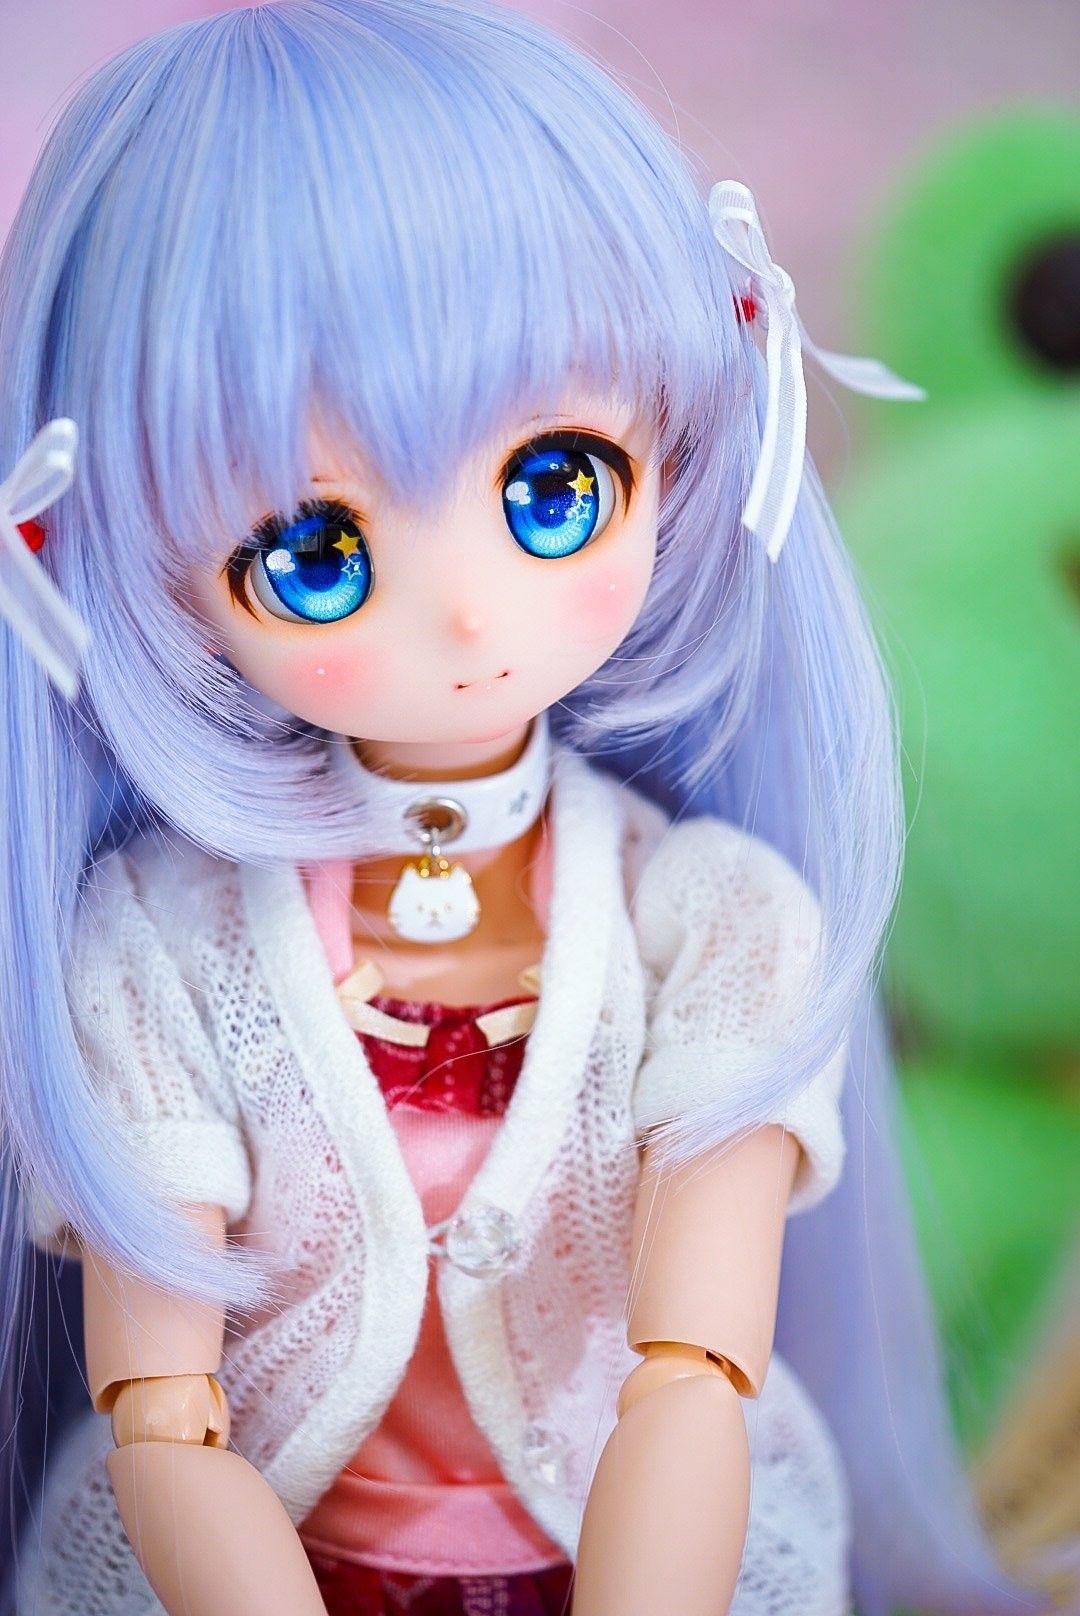 Kawaii anime doll bjd smart doll balljointed anime